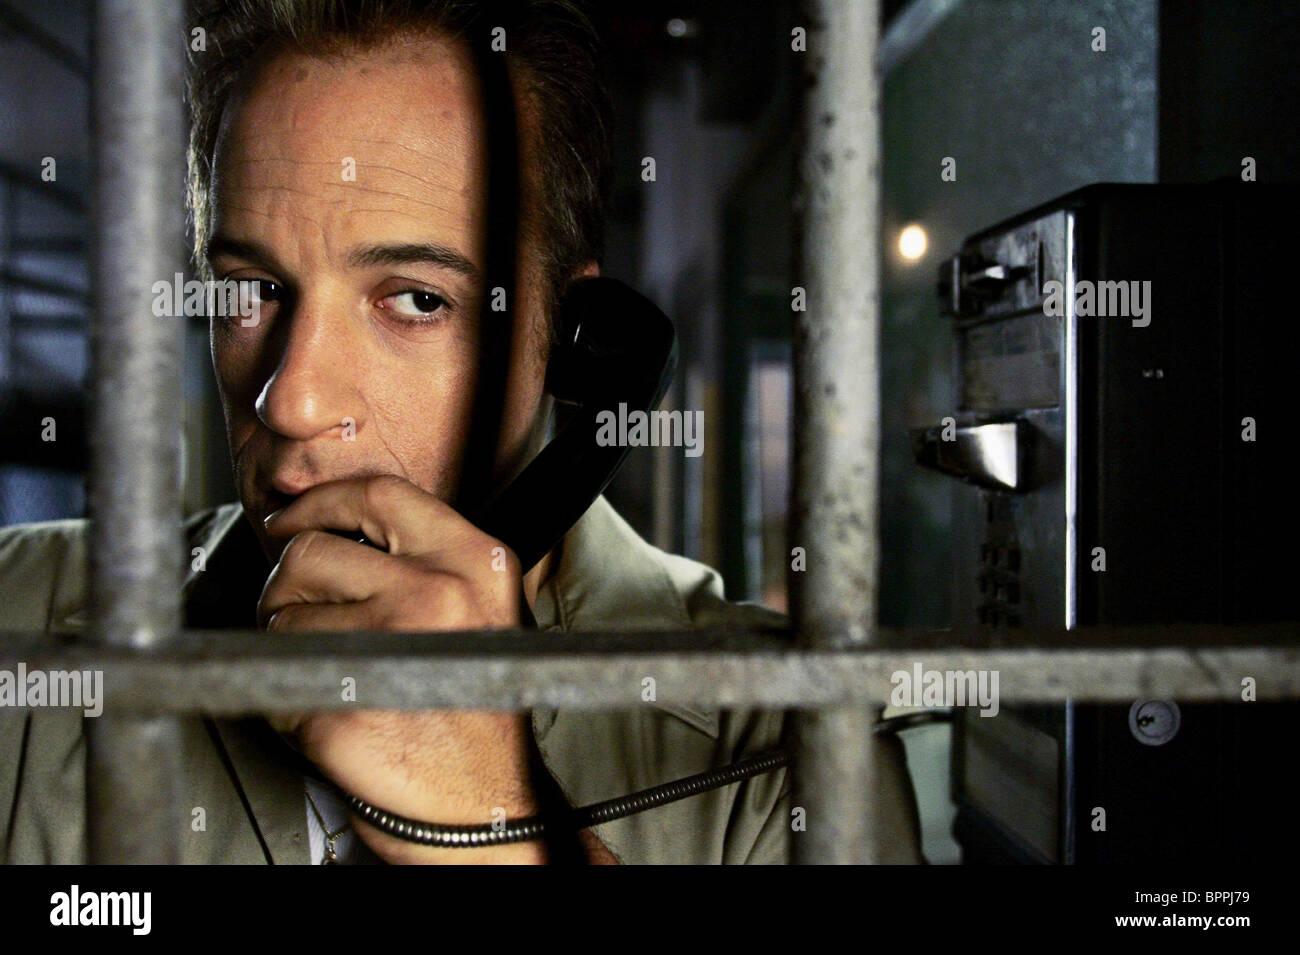 VIN DIESEL FIND ME GUILTY (2006) - Stock Image